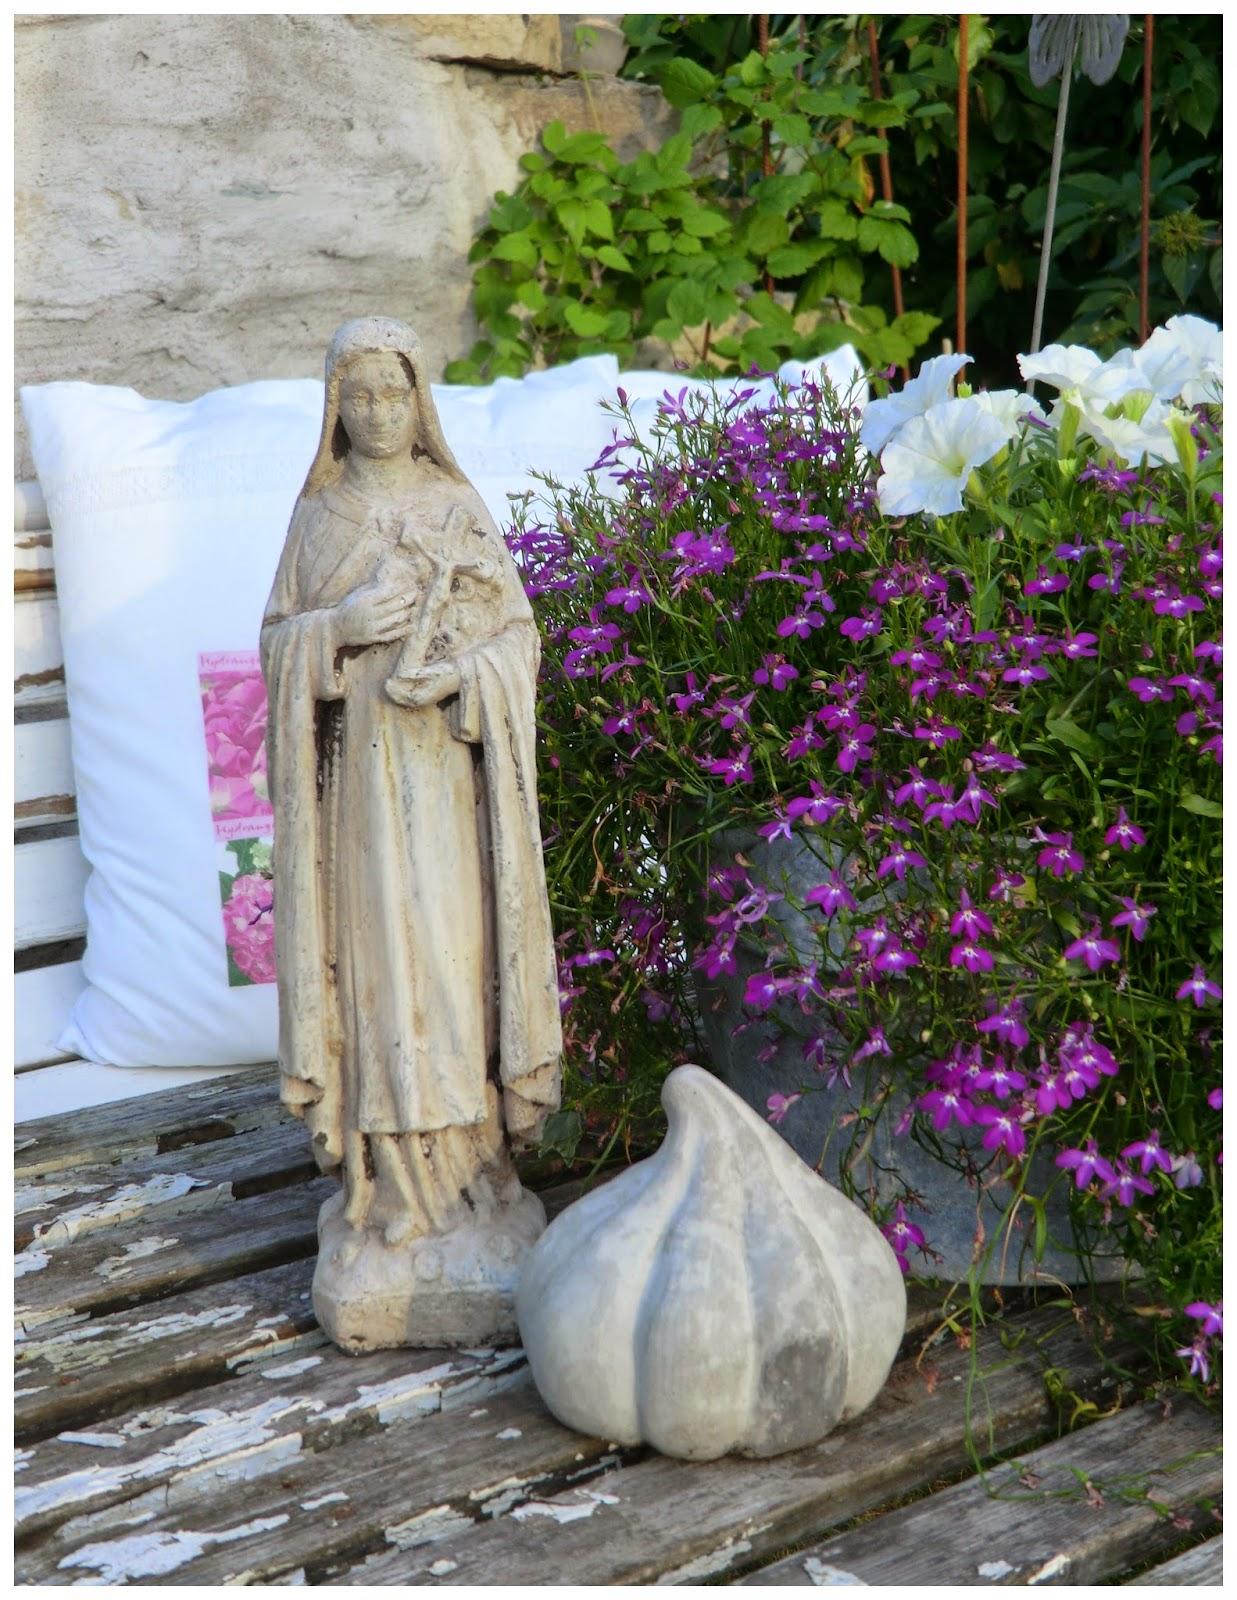 Isas trädgård: vi behöver mer andlighet i våra liv !